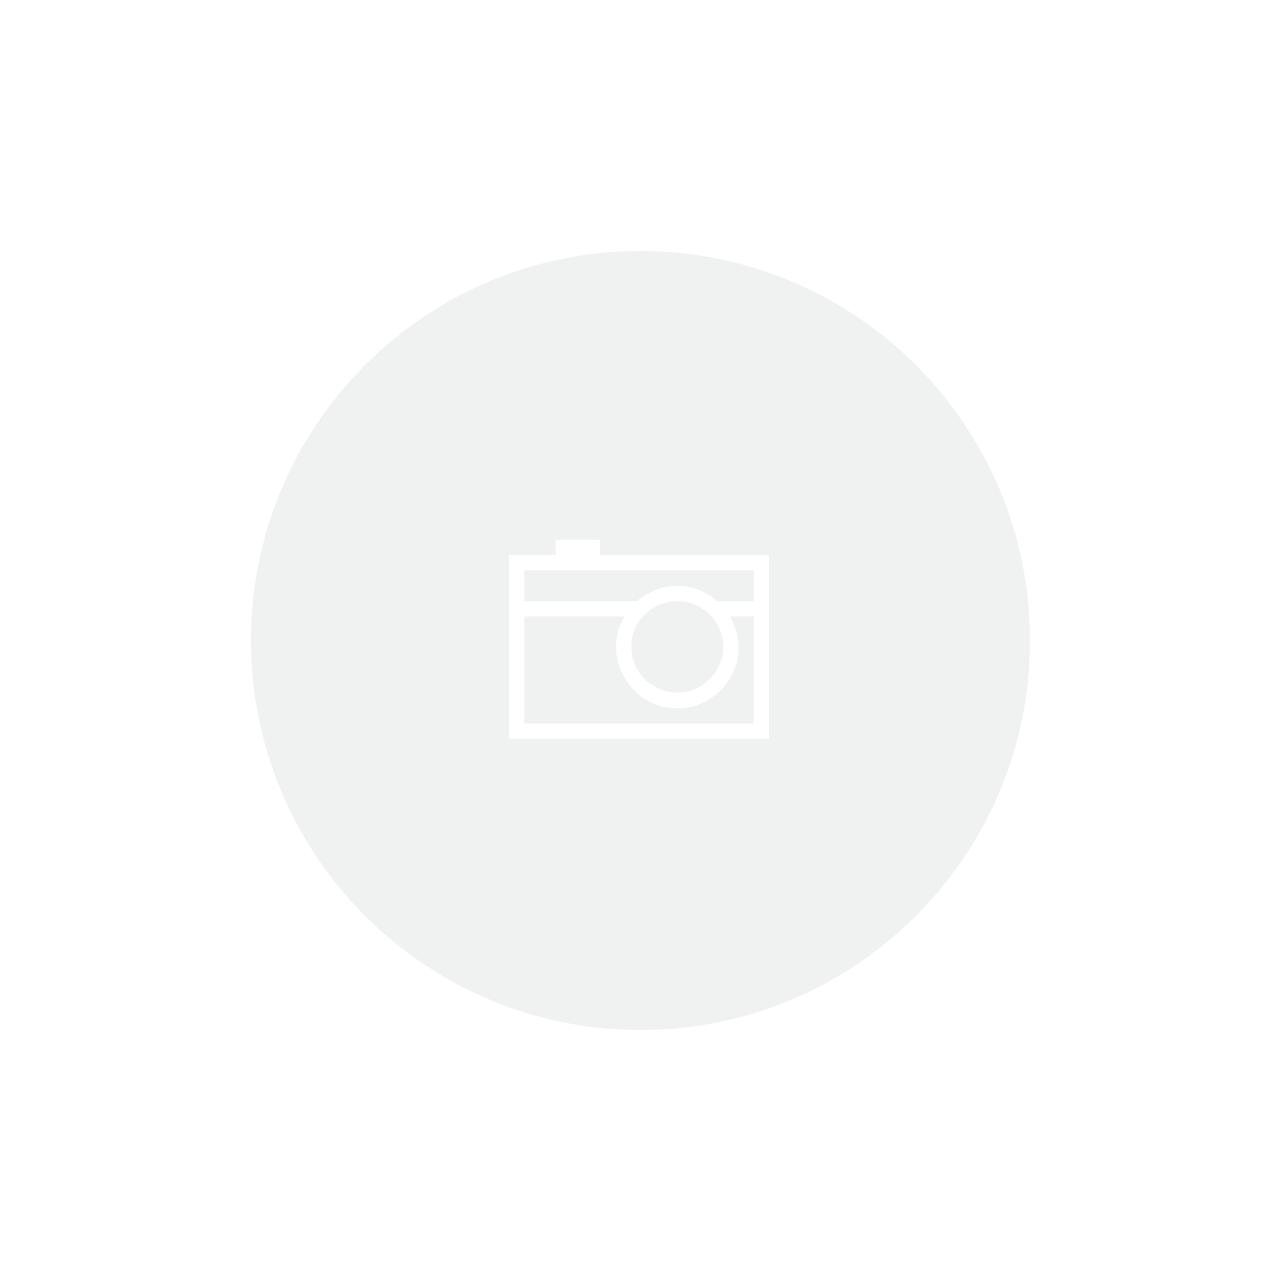 Placa de Vídeo XFX RX 590 8GB Fatboy OC+ 1600M D5 3xDP HDMI DVI RX-590P8DFD6